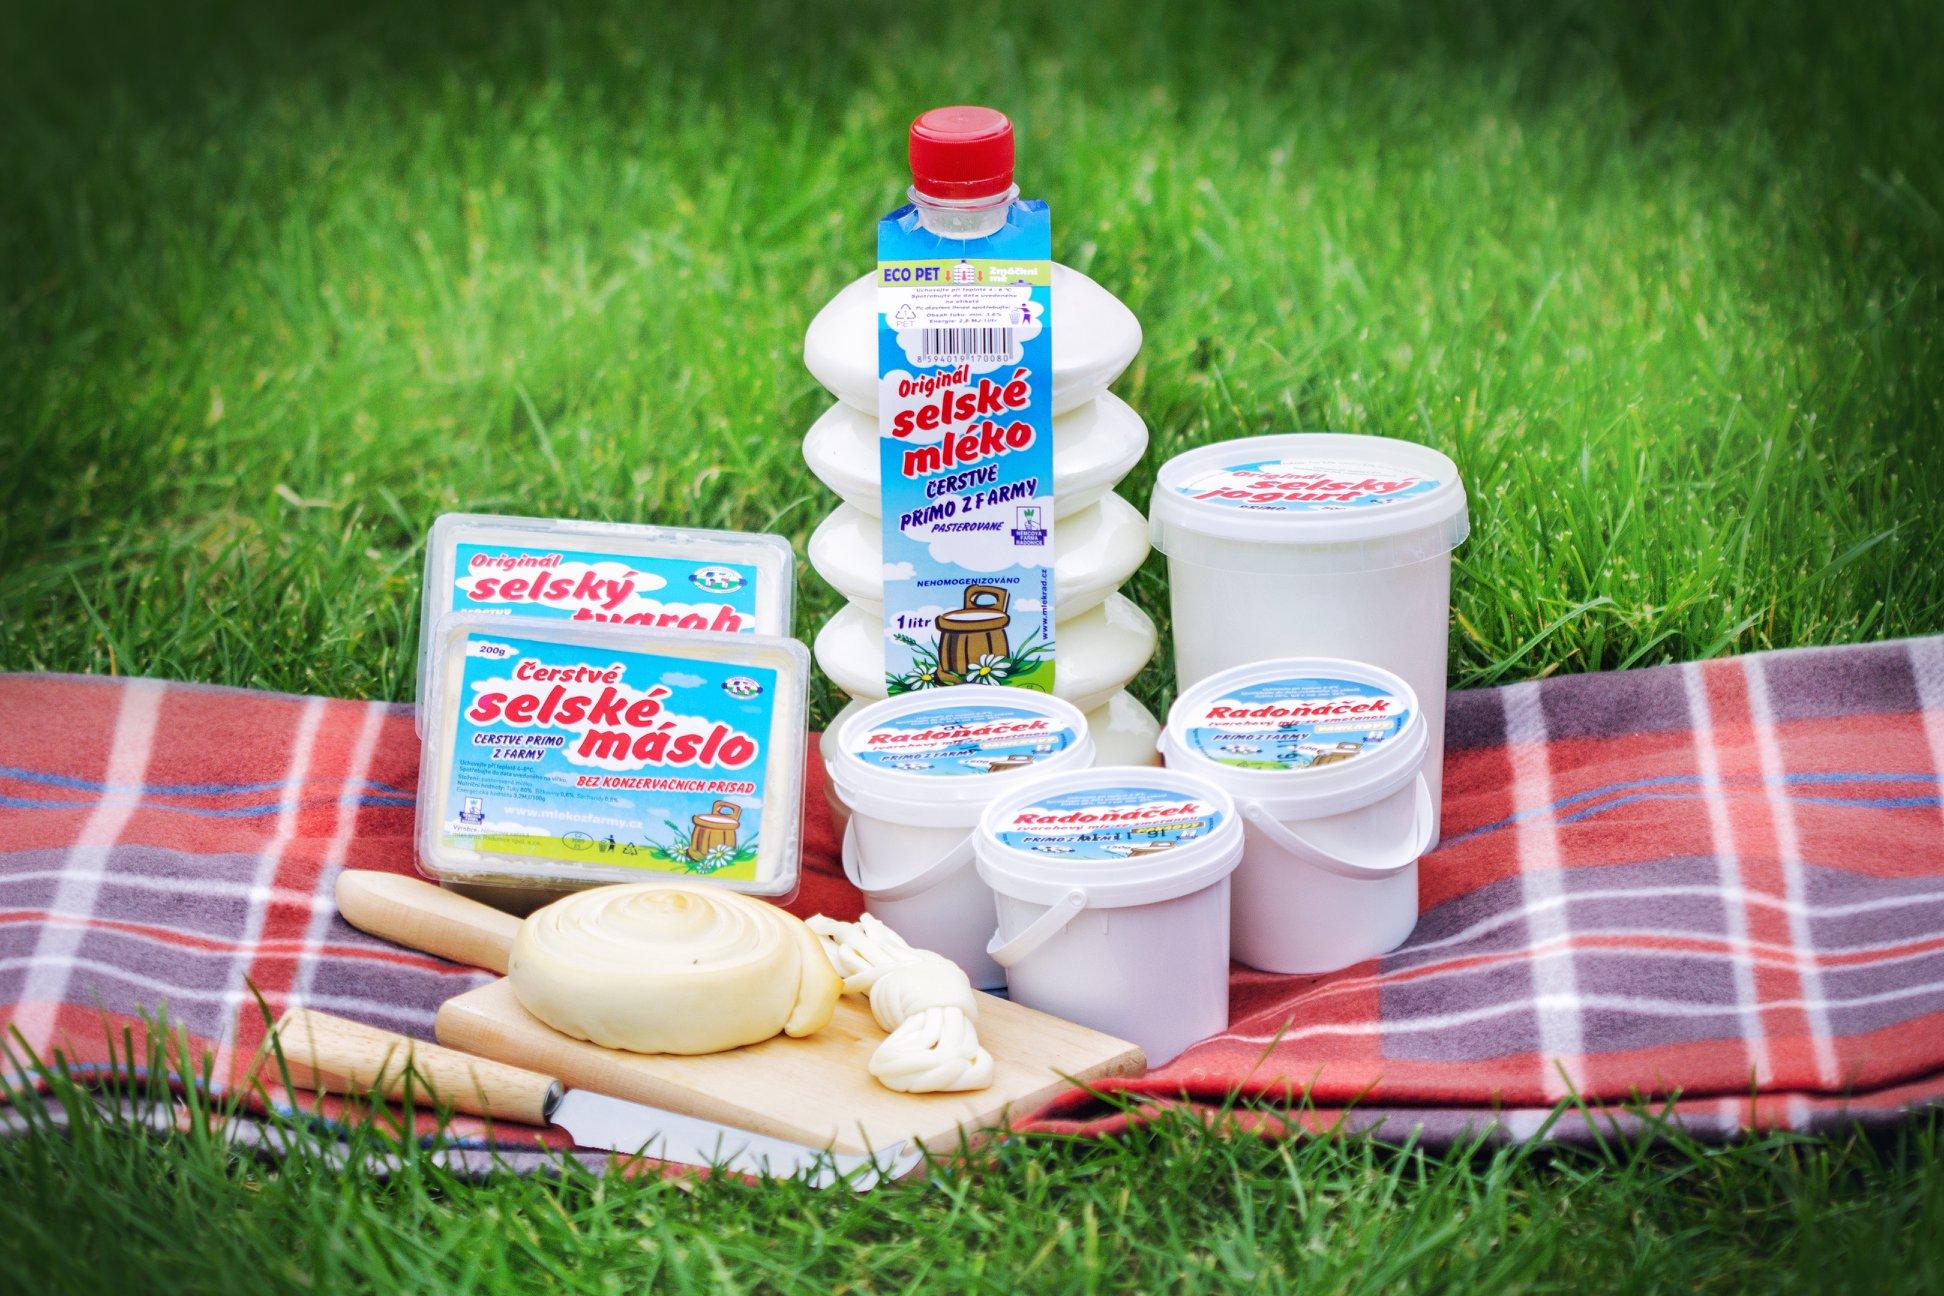 Вдъхновяваща идея от ЕПИ-АГРИ: Продажба на млечни продукти от млечен микробус